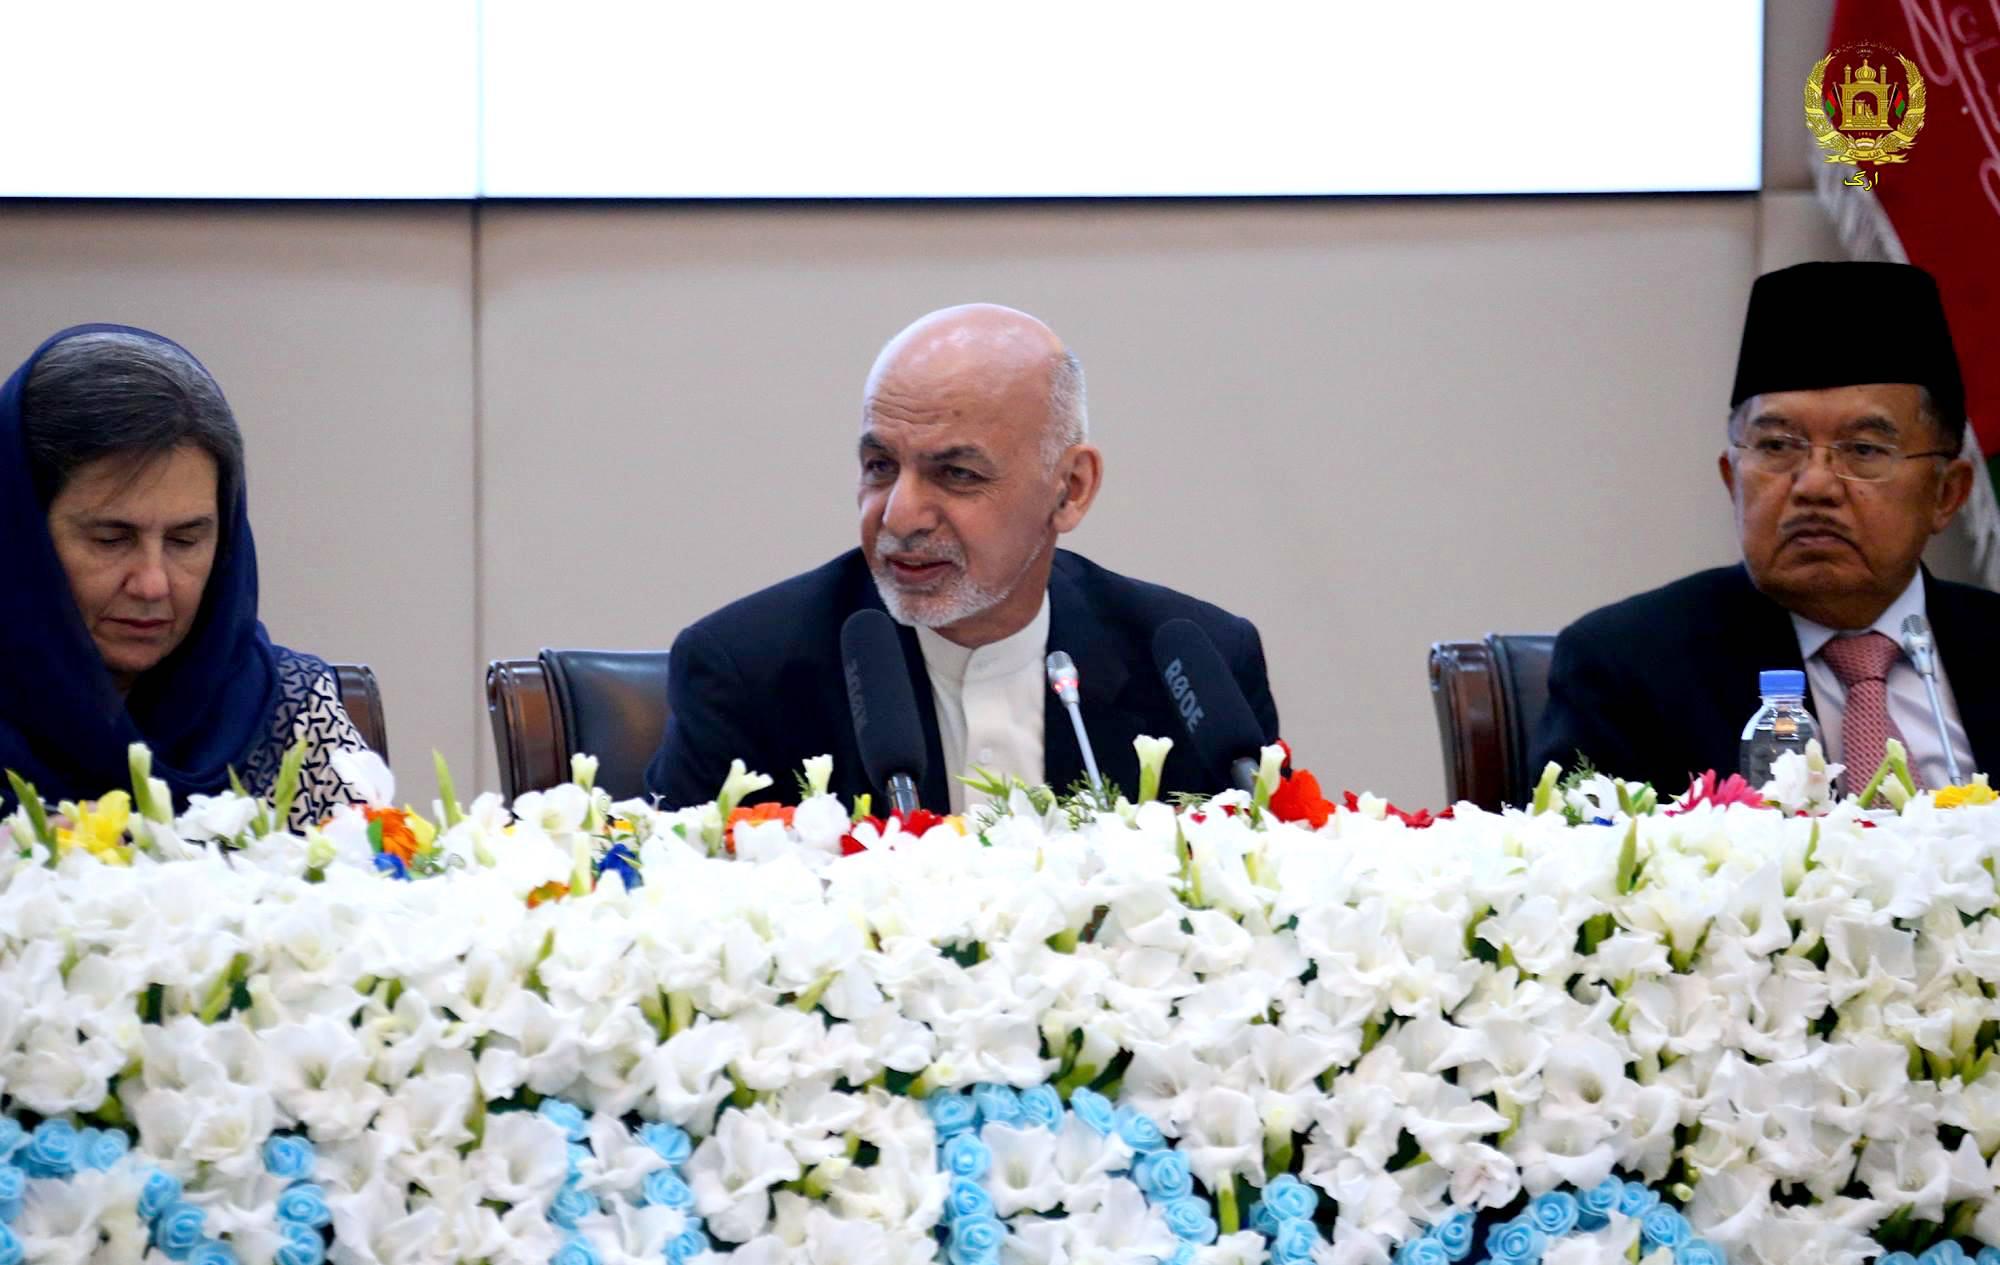 رییس جمهور غنی پلان مذاکرات صلح با طالبان را اعلان کرد